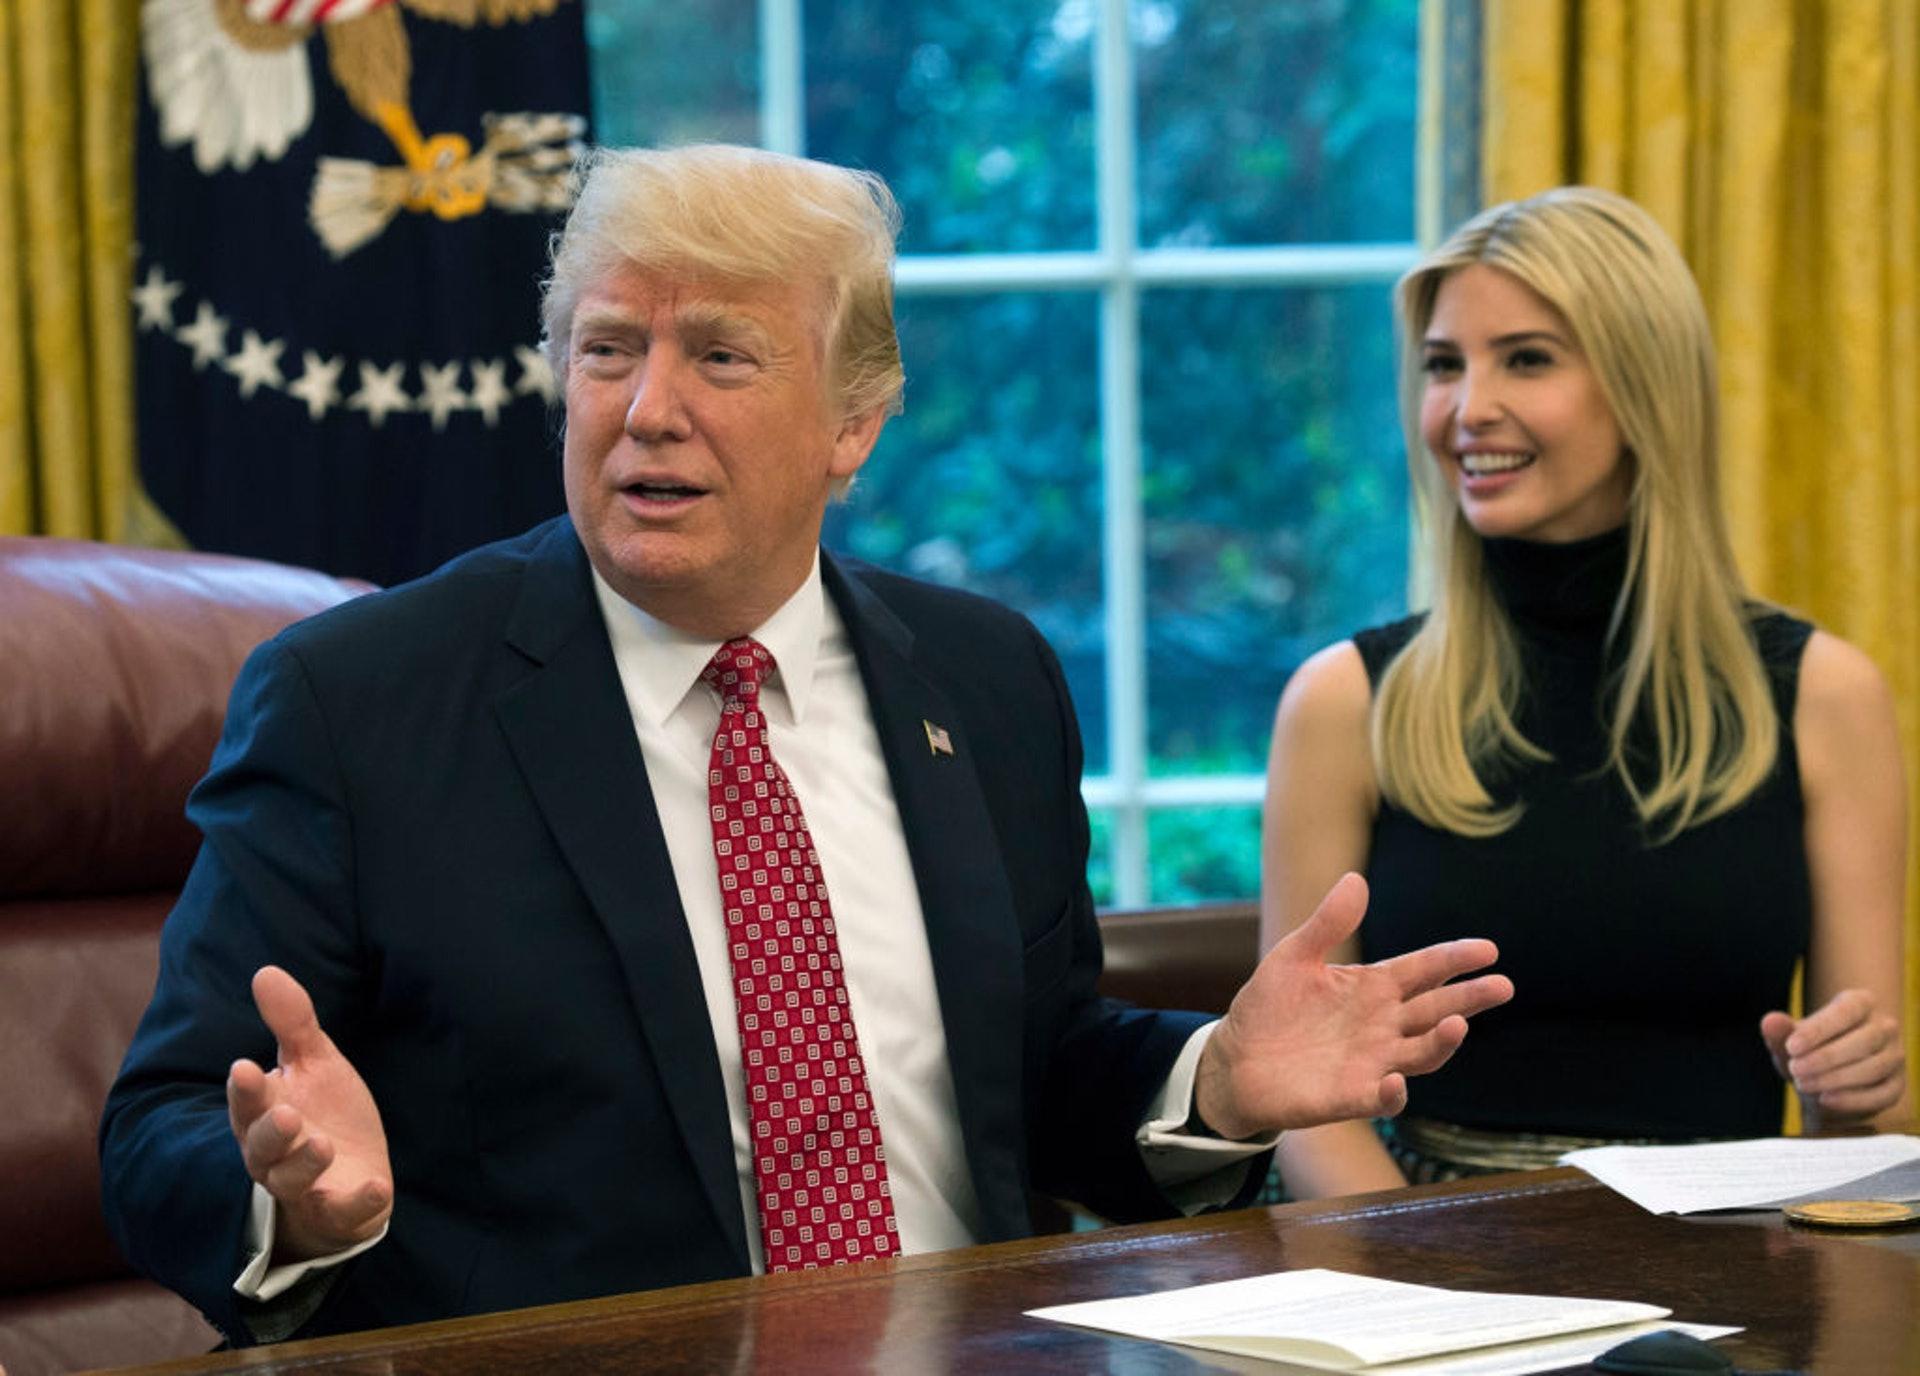 美國第一千金伊萬卡:伊萬卡2018年7月宣布關閉自家品牌,專注白宮事務。作為其中一個特朗普最親密的人,她經常陪同特朗普出席商務會議及與各國領導人會面。圖為她2017年4月24日,伊萬卡在白宮橢圓形辦公室與特朗普一起出席網上新聞發布會。(Getty)